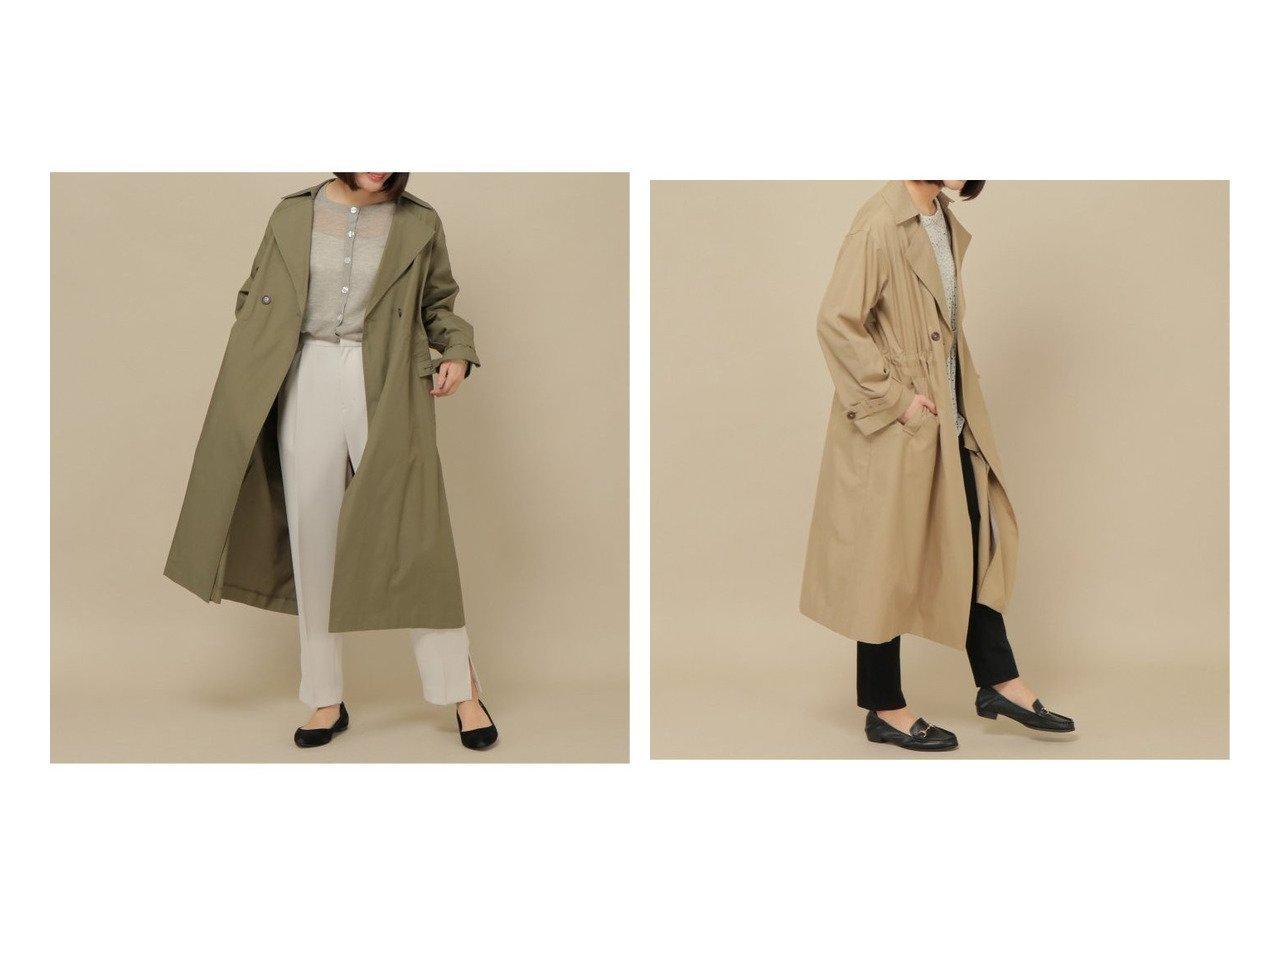 【ikka/イッカ】のオーガニックコットンゆるトレンチコート アウターのおすすめ!人気、トレンド・レディースファッションの通販 おすすめで人気の流行・トレンド、ファッションの通販商品 メンズファッション・キッズファッション・インテリア・家具・レディースファッション・服の通販 founy(ファニー) https://founy.com/ ファッション Fashion レディースファッション WOMEN アウター Coat Outerwear コート Coats トレンチコート Trench Coats NEW・新作・新着・新入荷 New Arrivals |ID:crp329100000023598